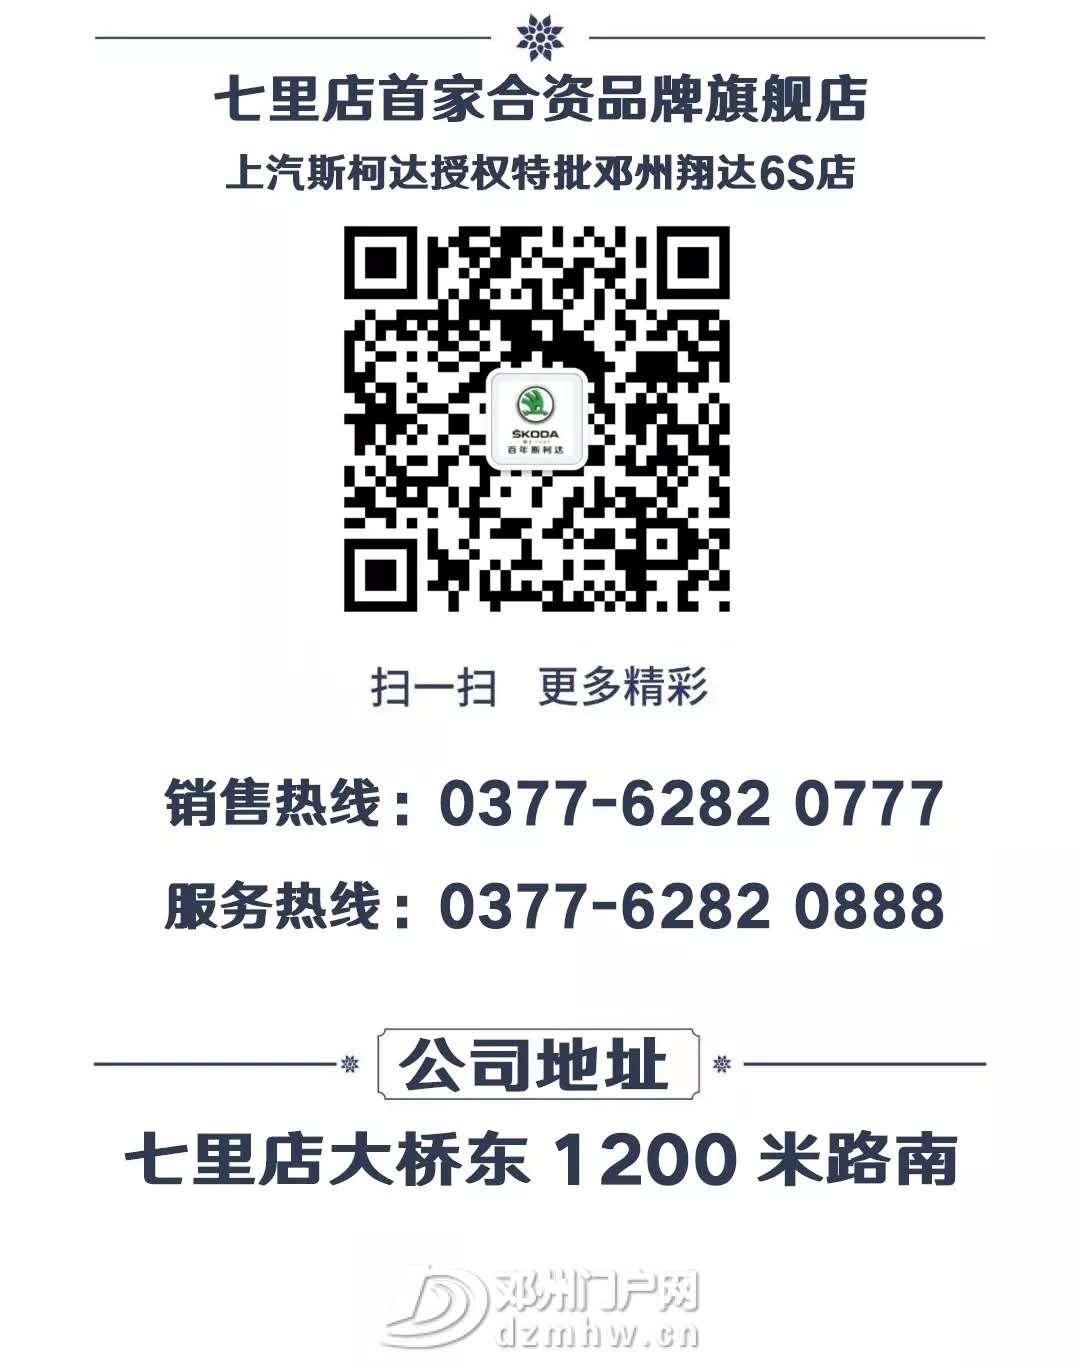 微信图片_20200623142100.jpg